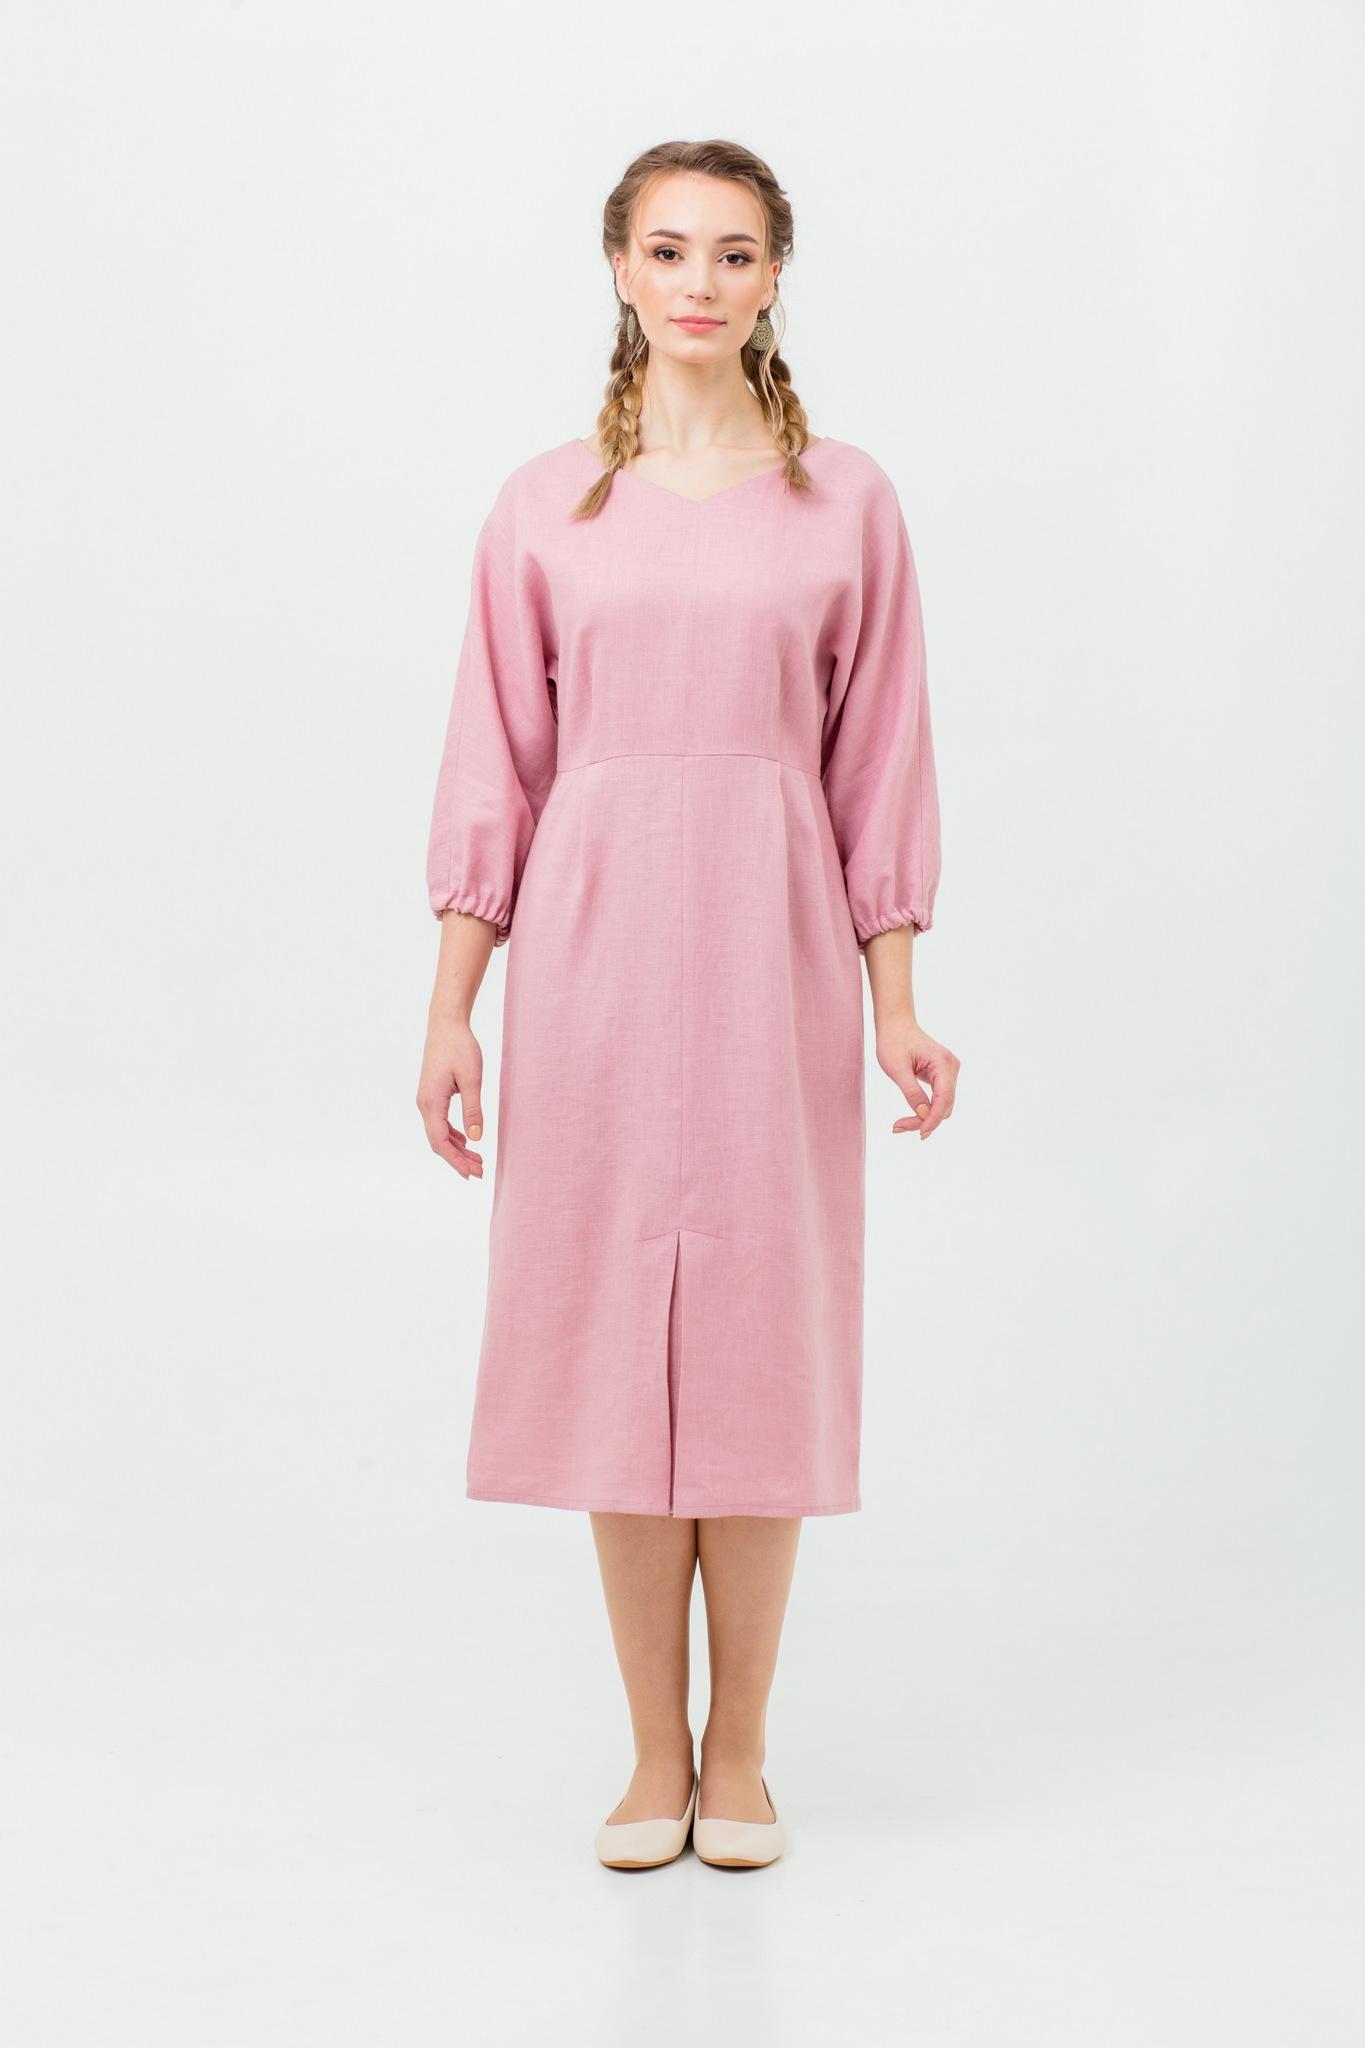 Платье льняное Нежный румянец